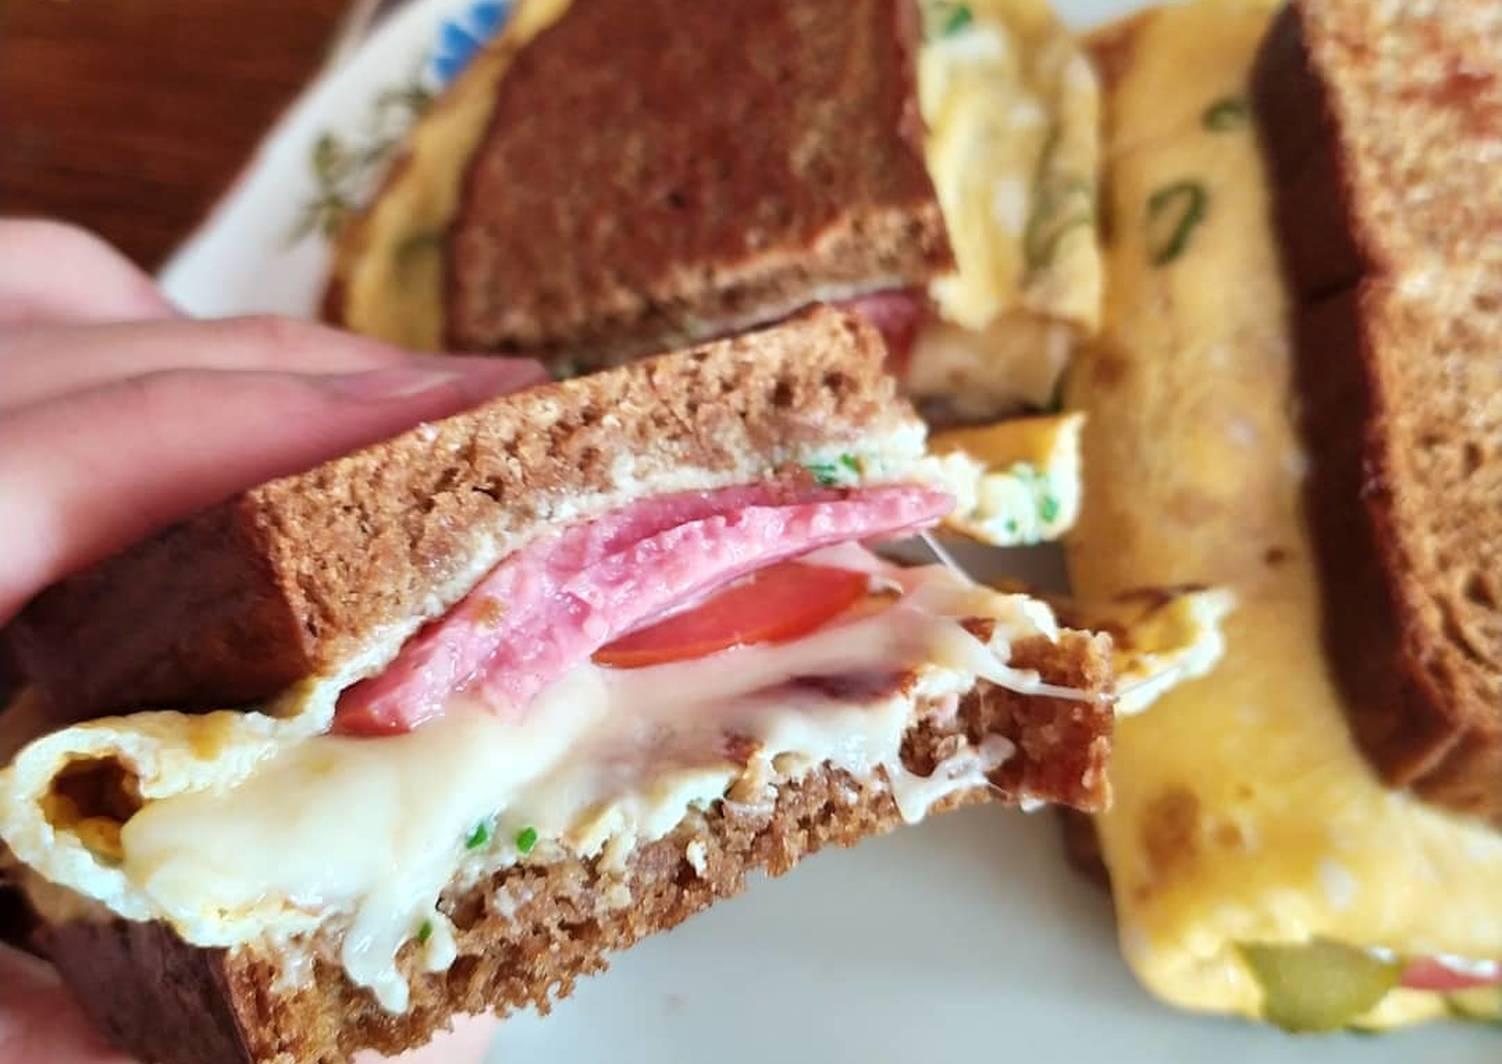 пару бутерброд на сковороде фото стрелять танке чтобы